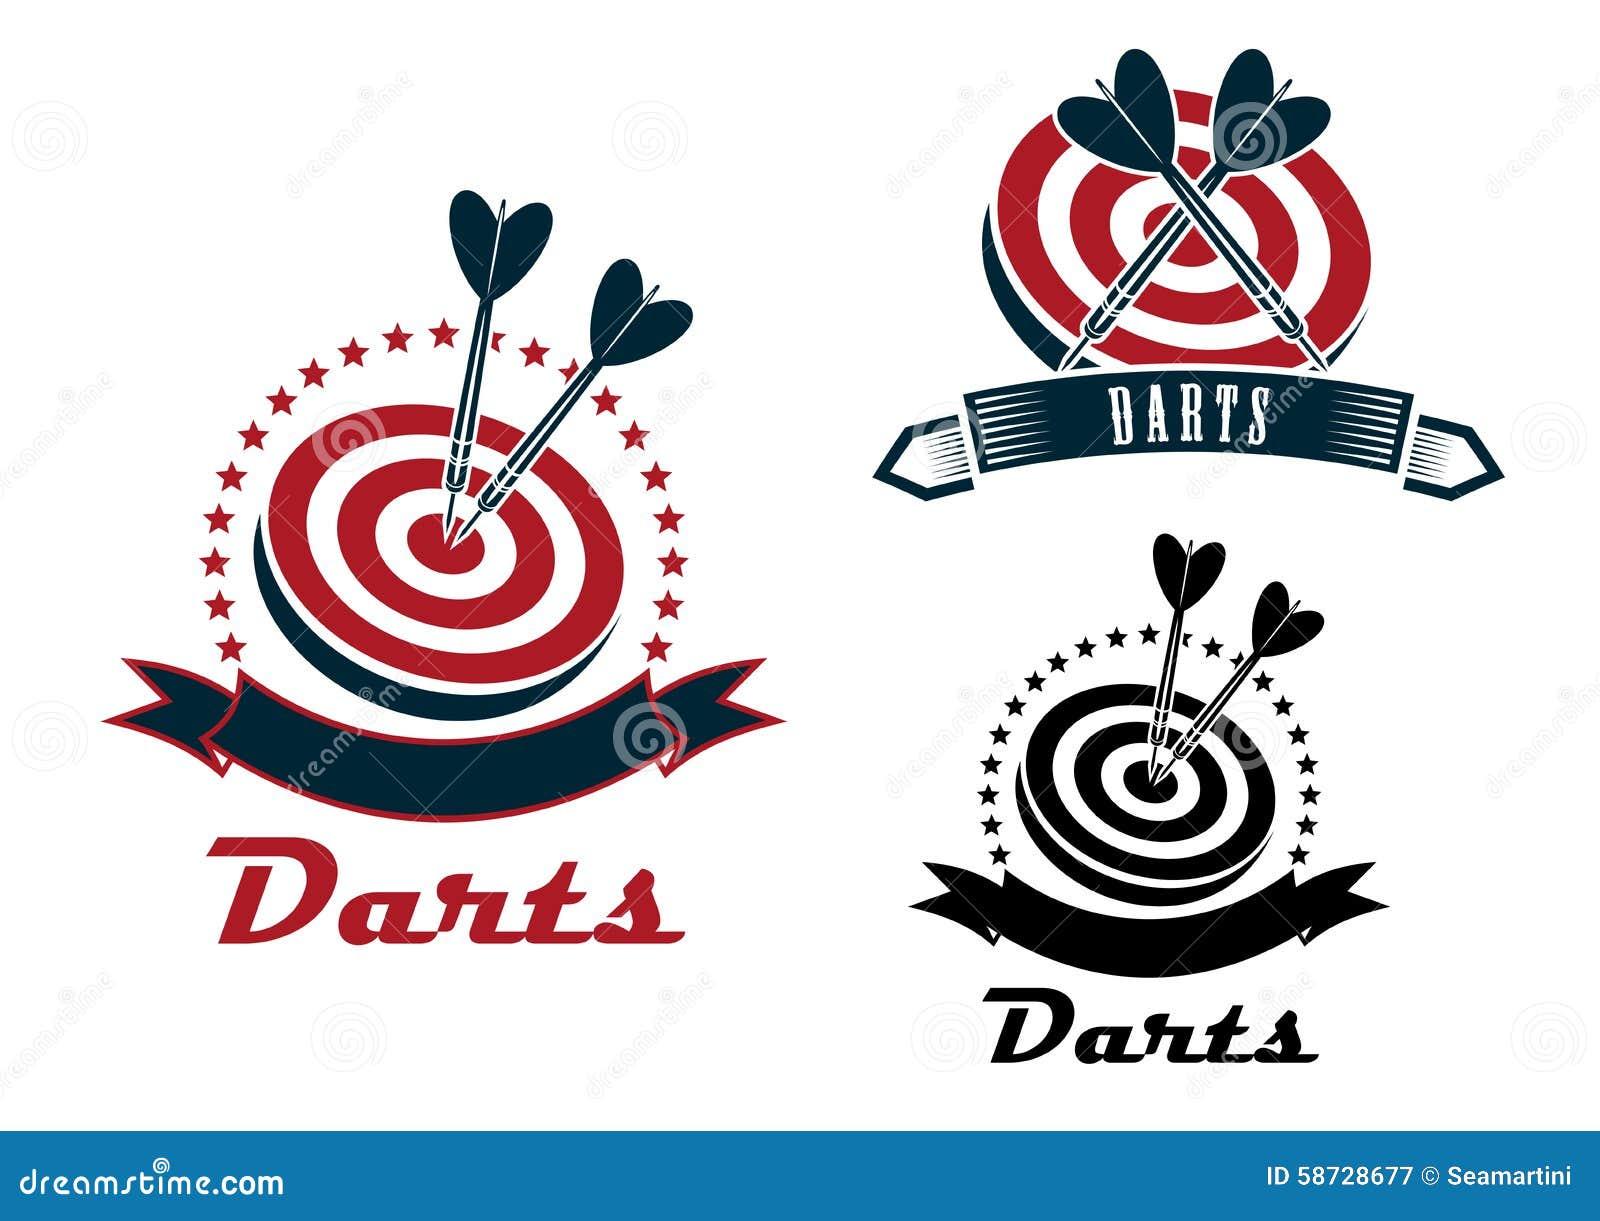 箭炫耀象征或飞镖与一支障碍标志,丝带和箭用不同的设计,深灰和红马术视频比赛横幅2017图片